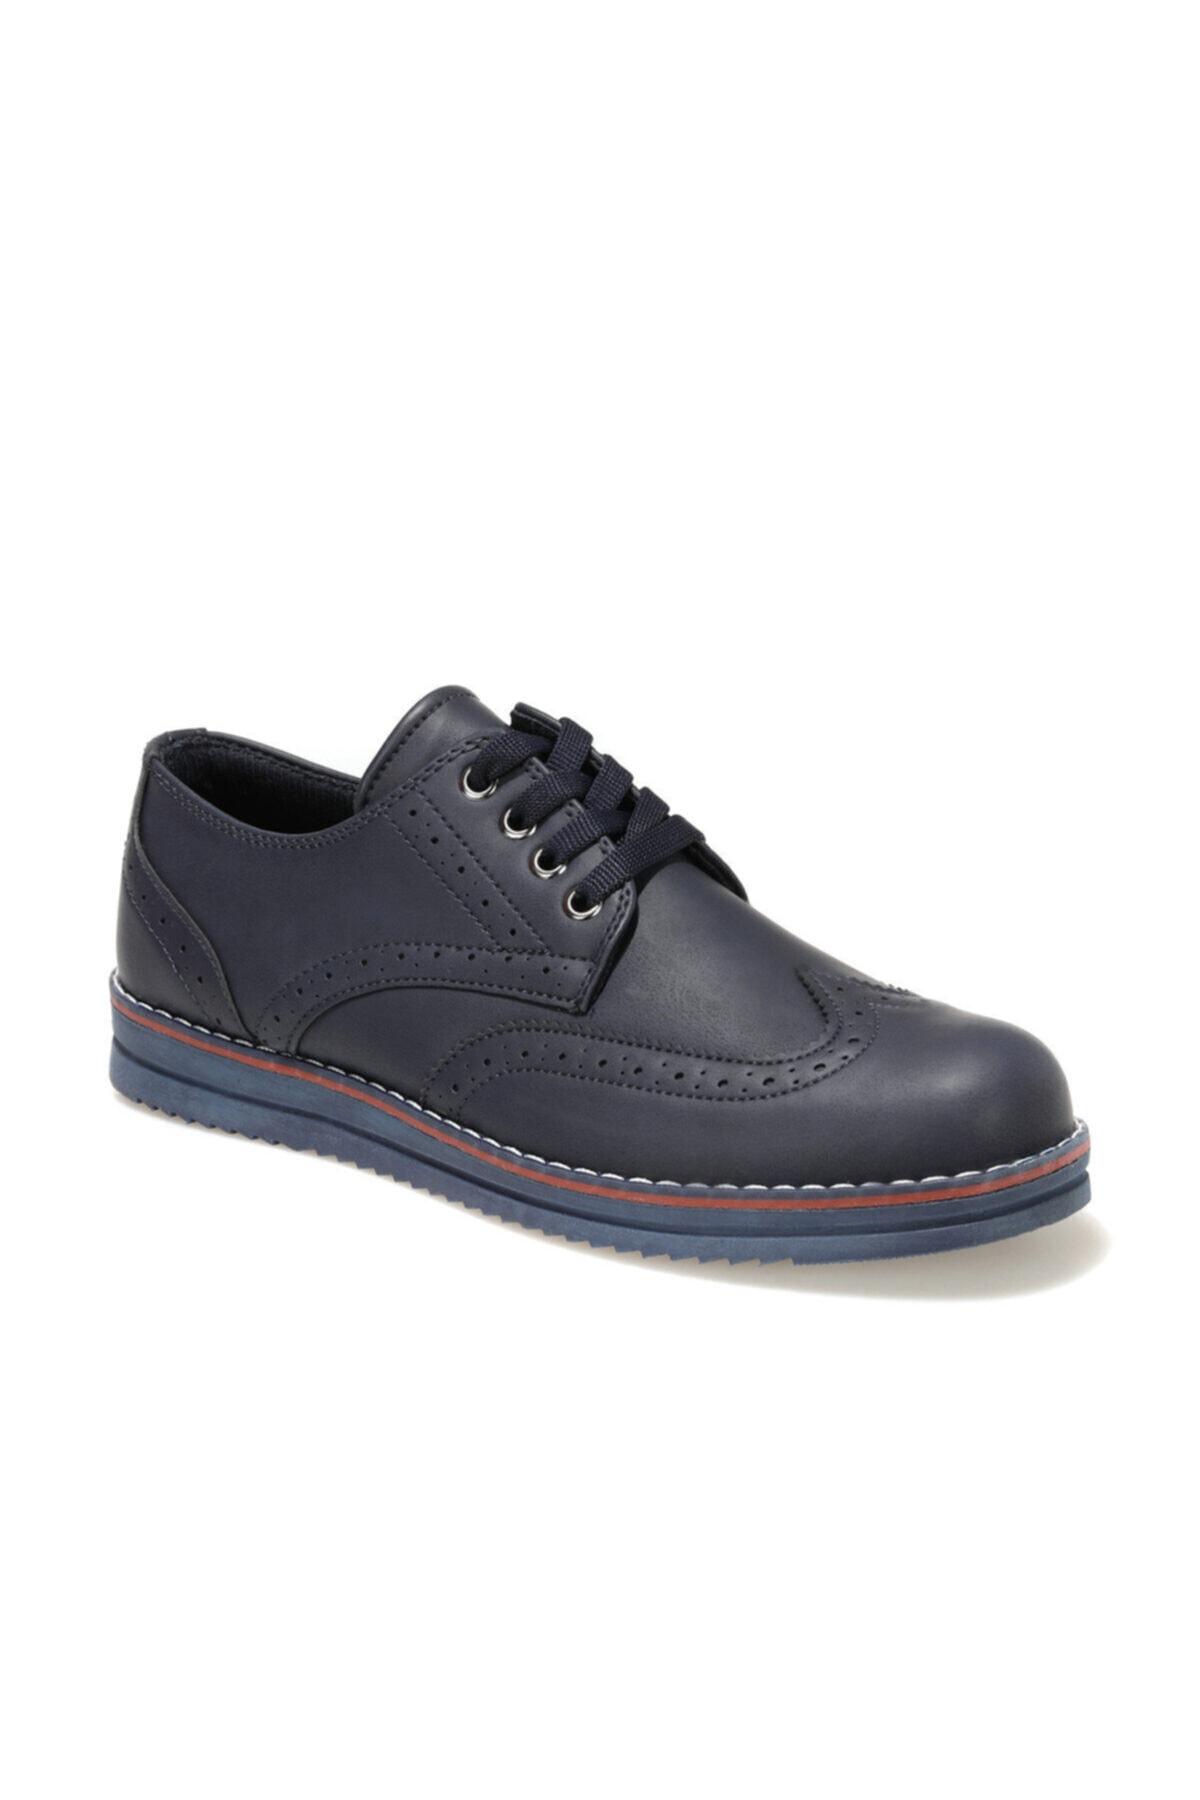 353617.M1FX Lacivert Erkek Günlük Ayakkabı 100787651